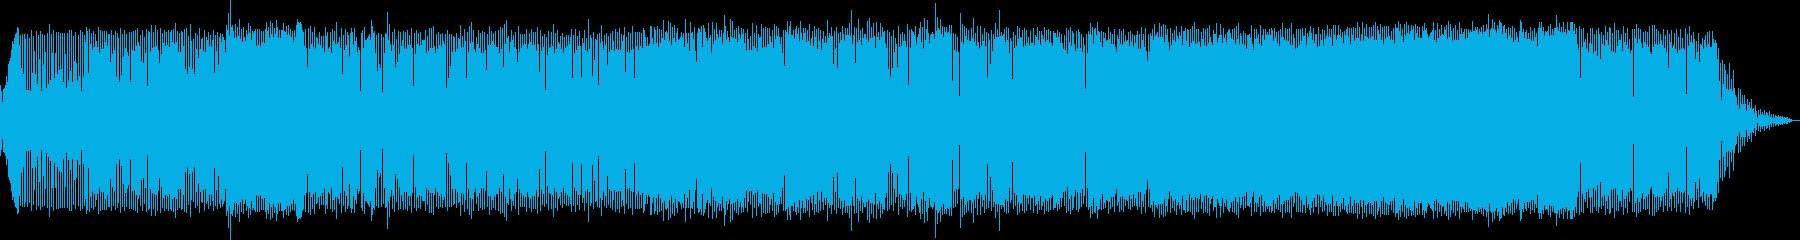 疾走感のある懐かしのエレクトロロックの再生済みの波形